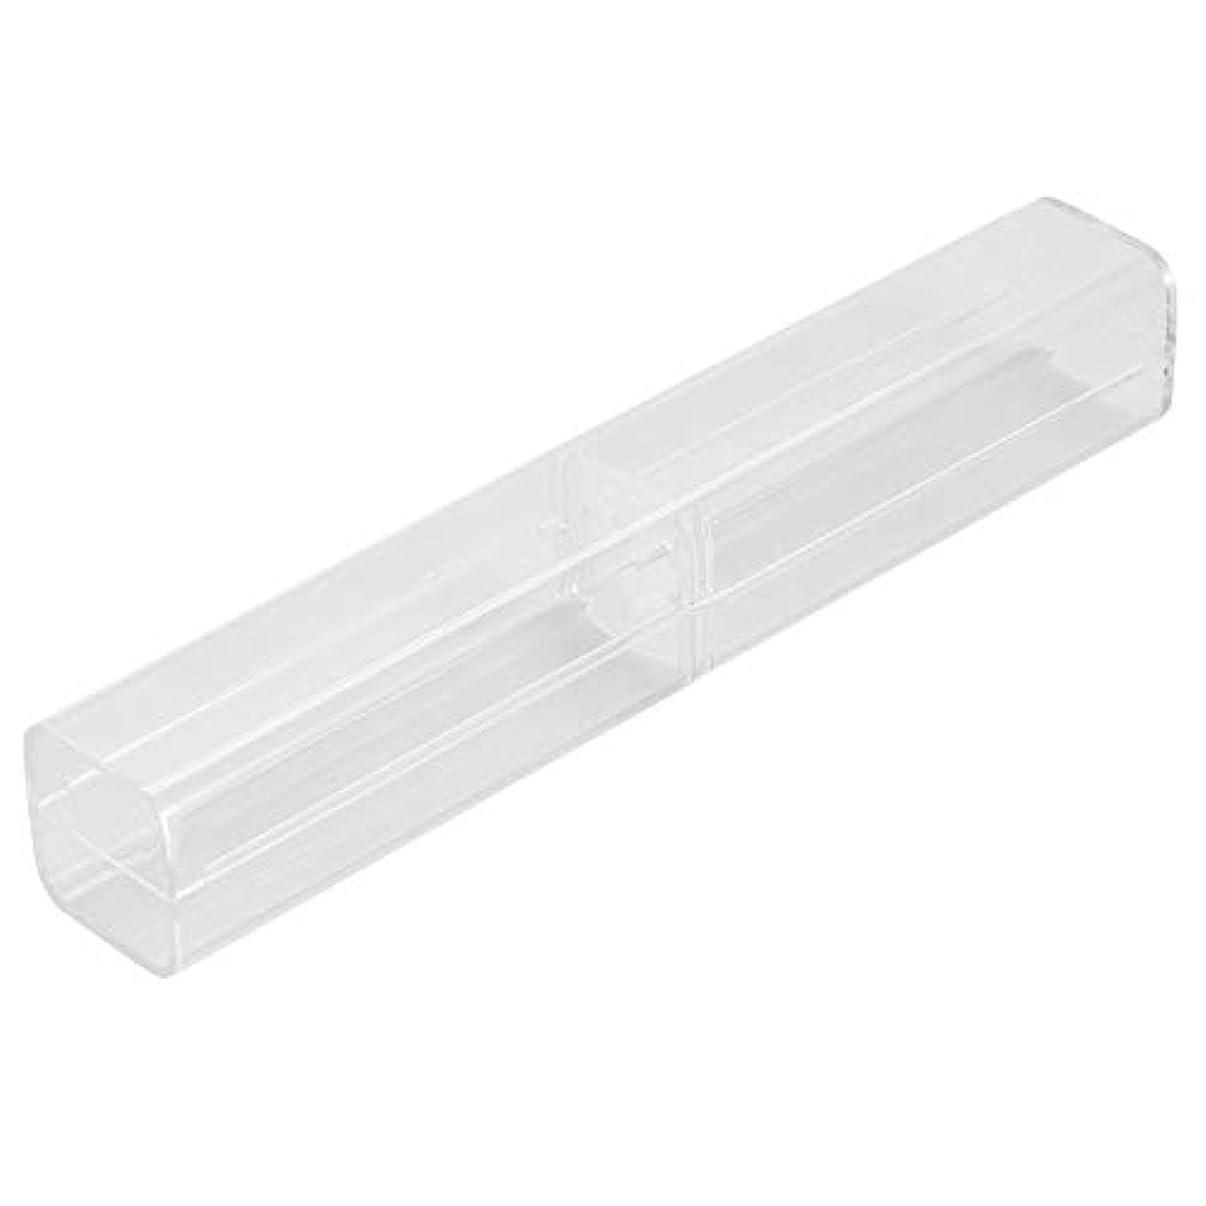 非公式トイレ見物人1ピース収納ボックス - 手動ペン眉毛タトゥークリアケース透明収納ボックス、収納ボックス - タトゥーコンテナ